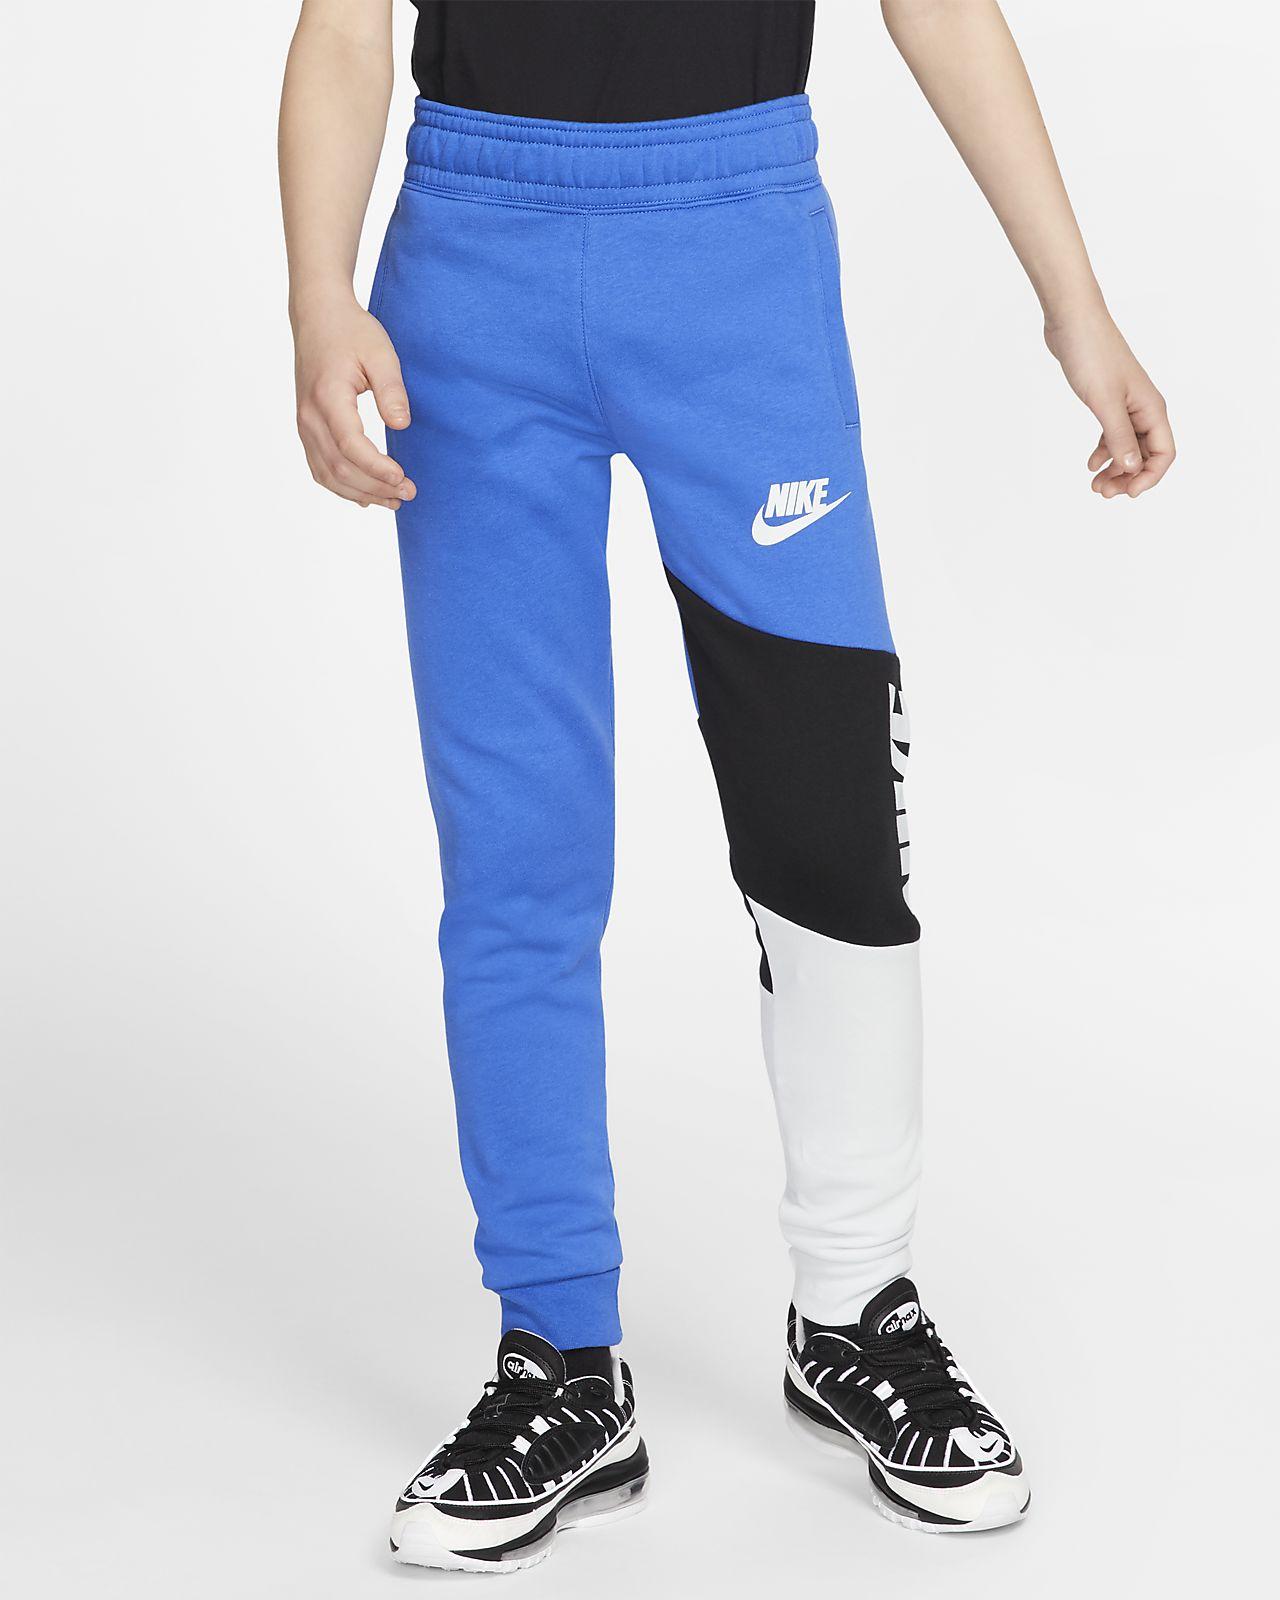 Nike Sportswear Boys' Pants